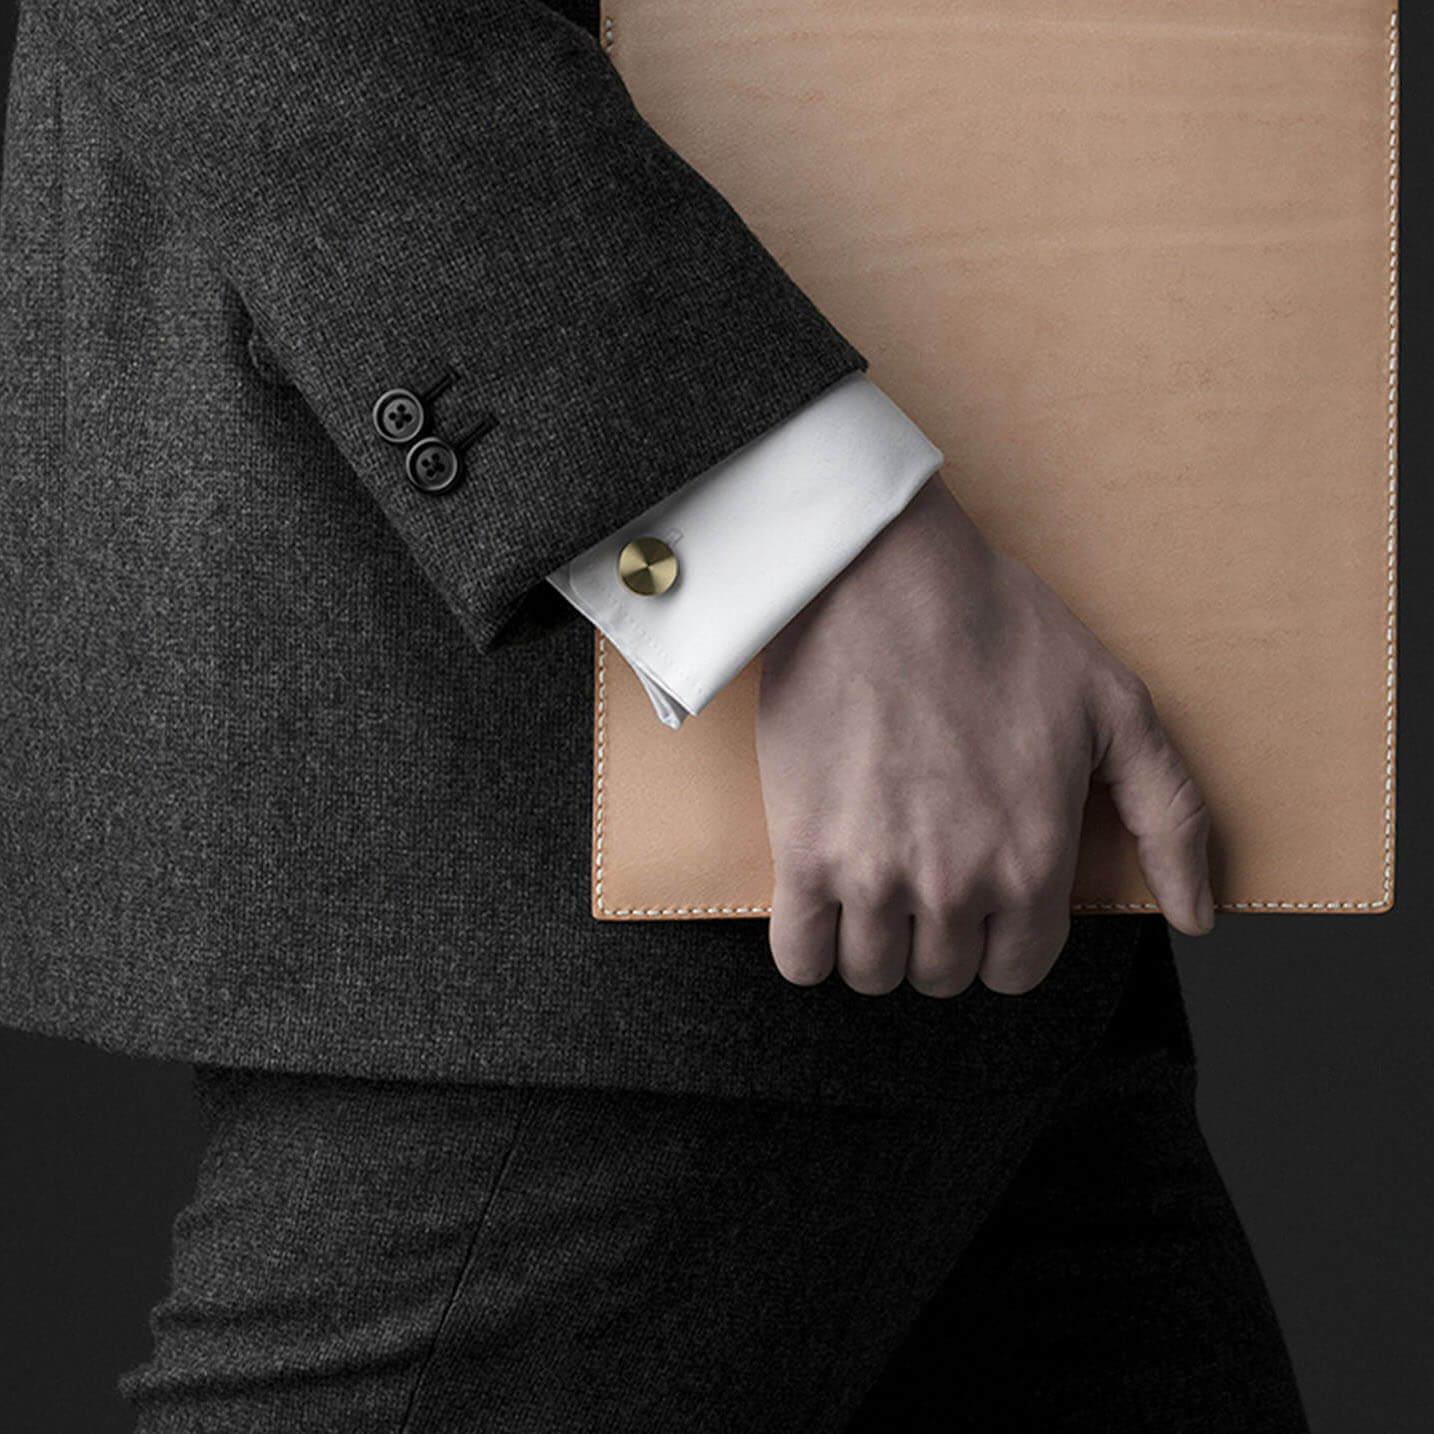 Brass Cufflink worn